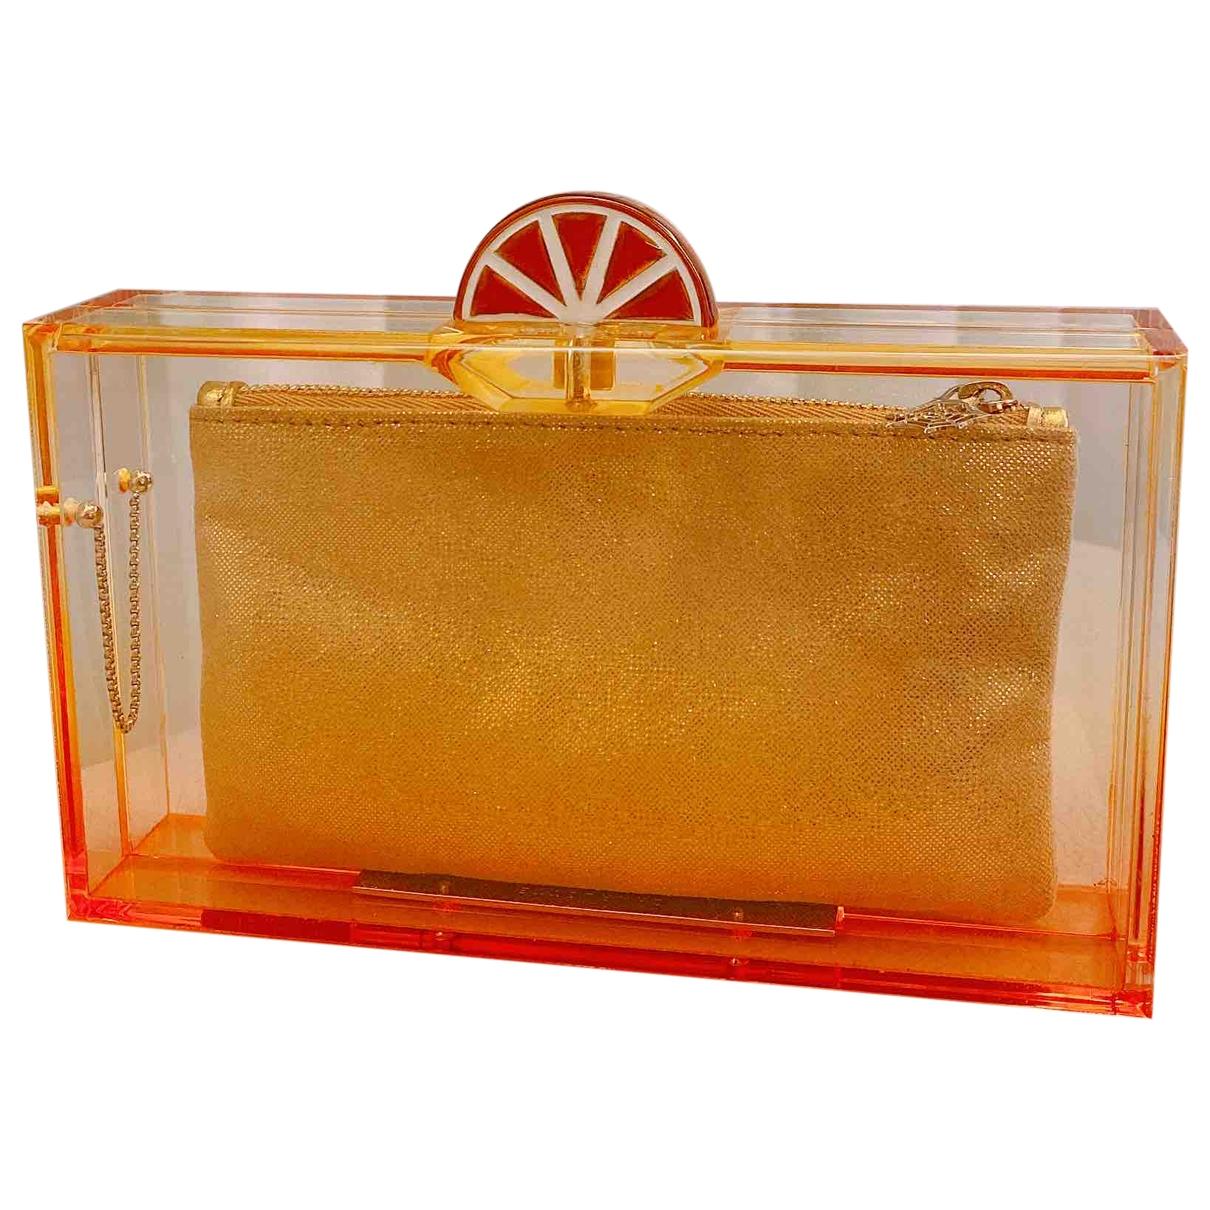 Charlotte Olympia \N Orange Clutch bag for Women \N